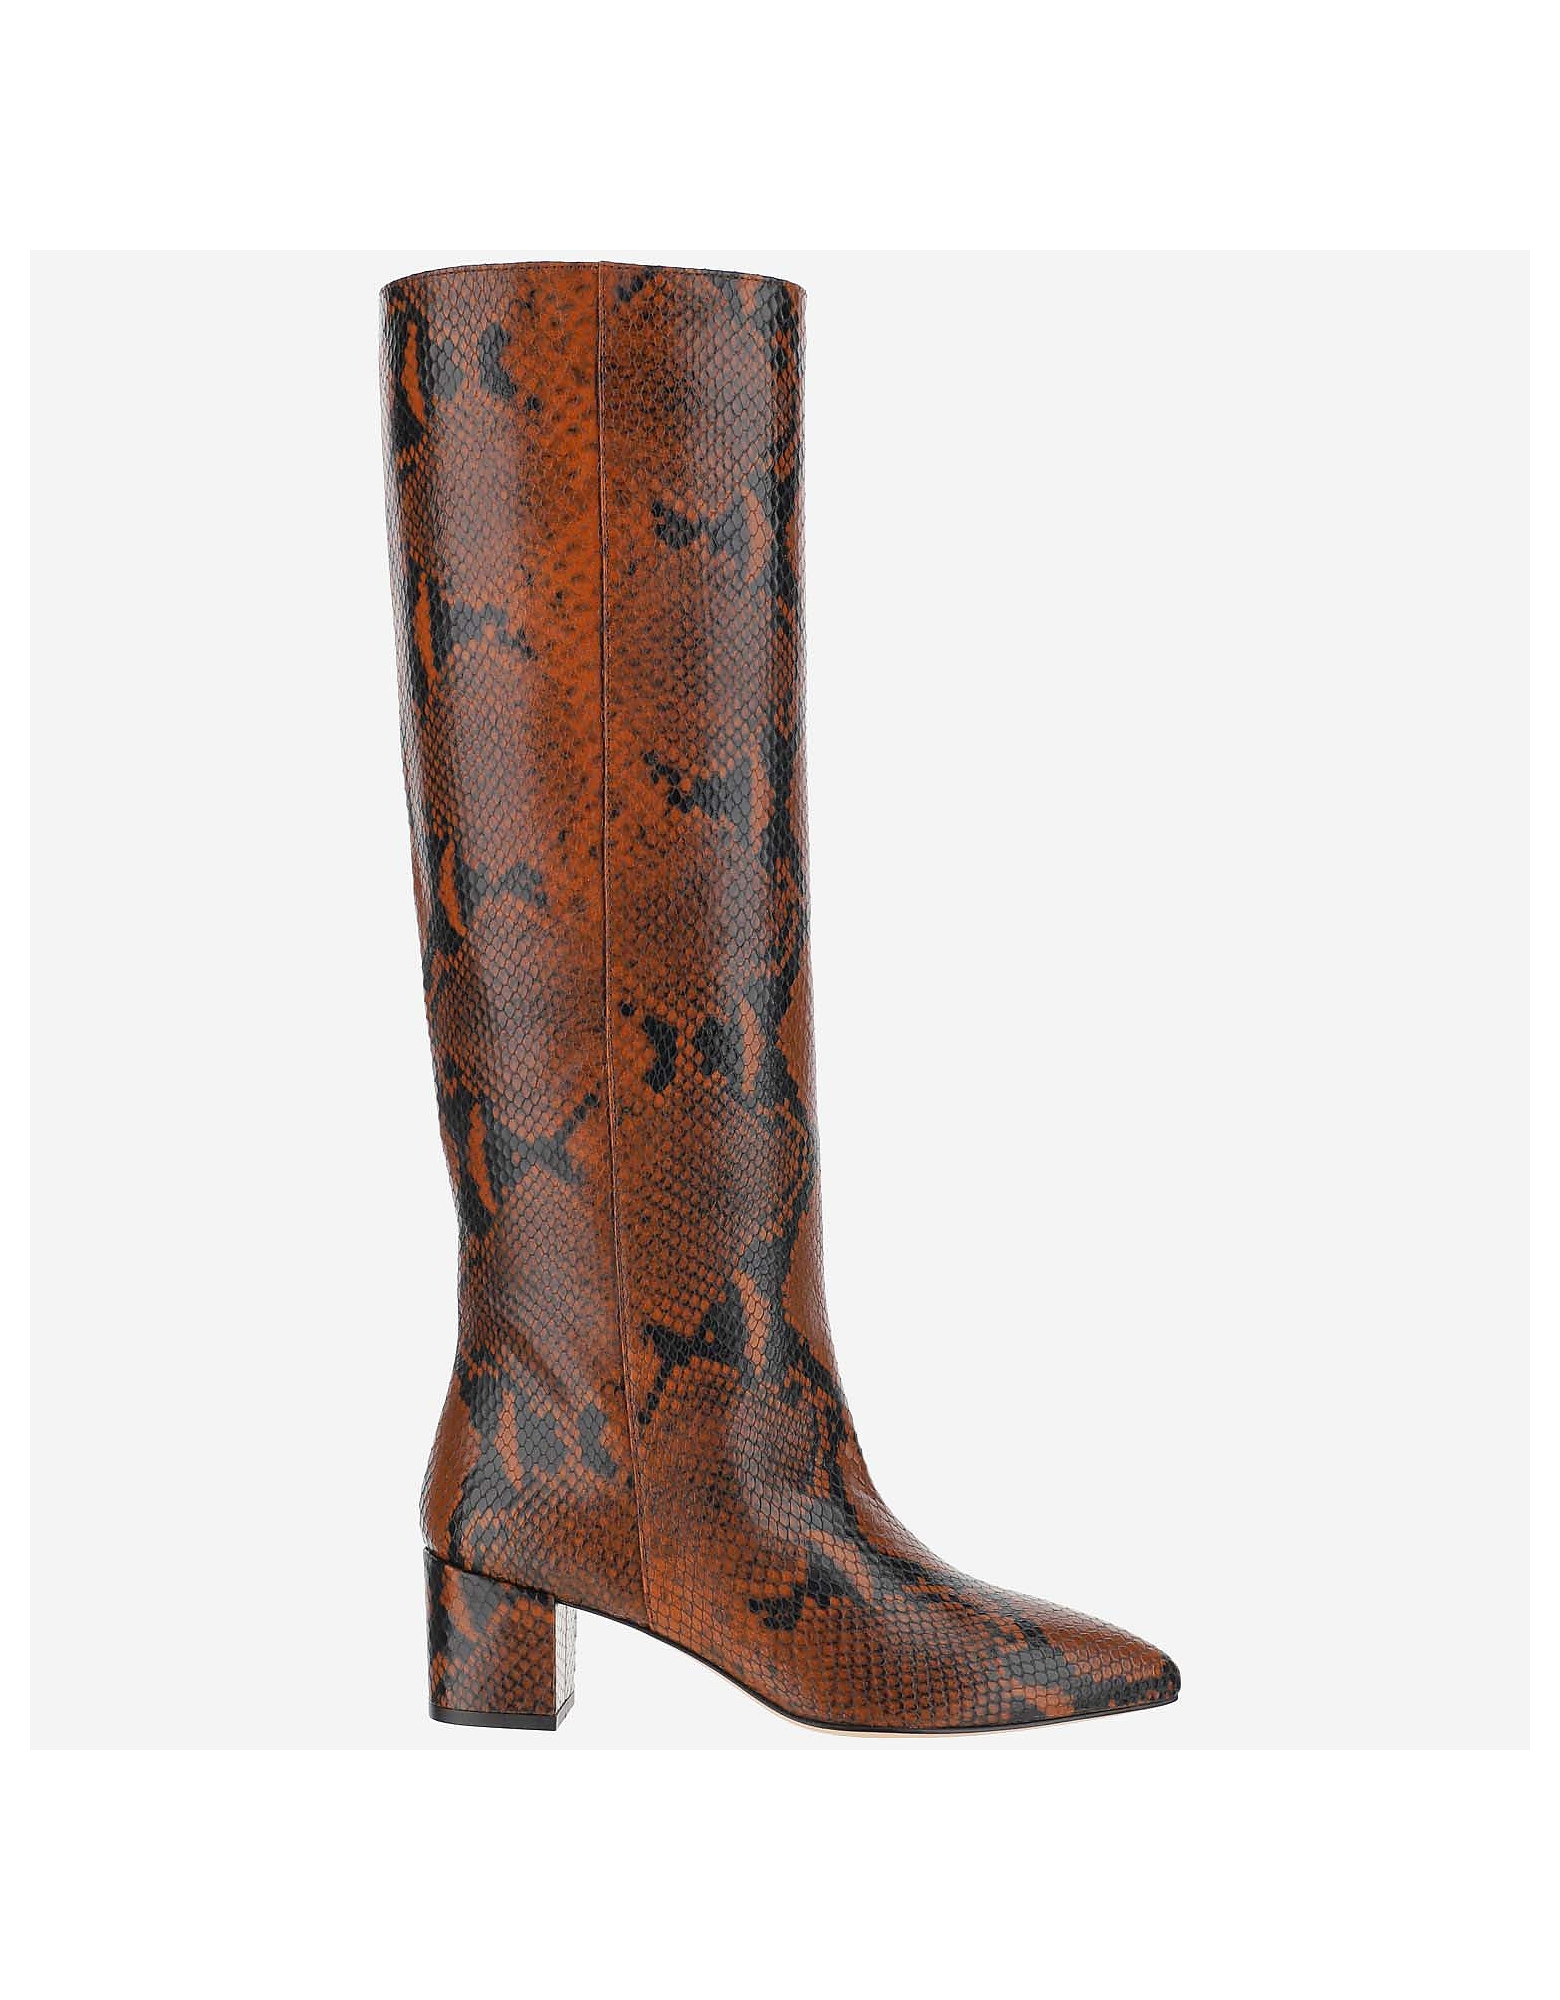 Paris Texas Designer Shoes, Brown Ankle Boots